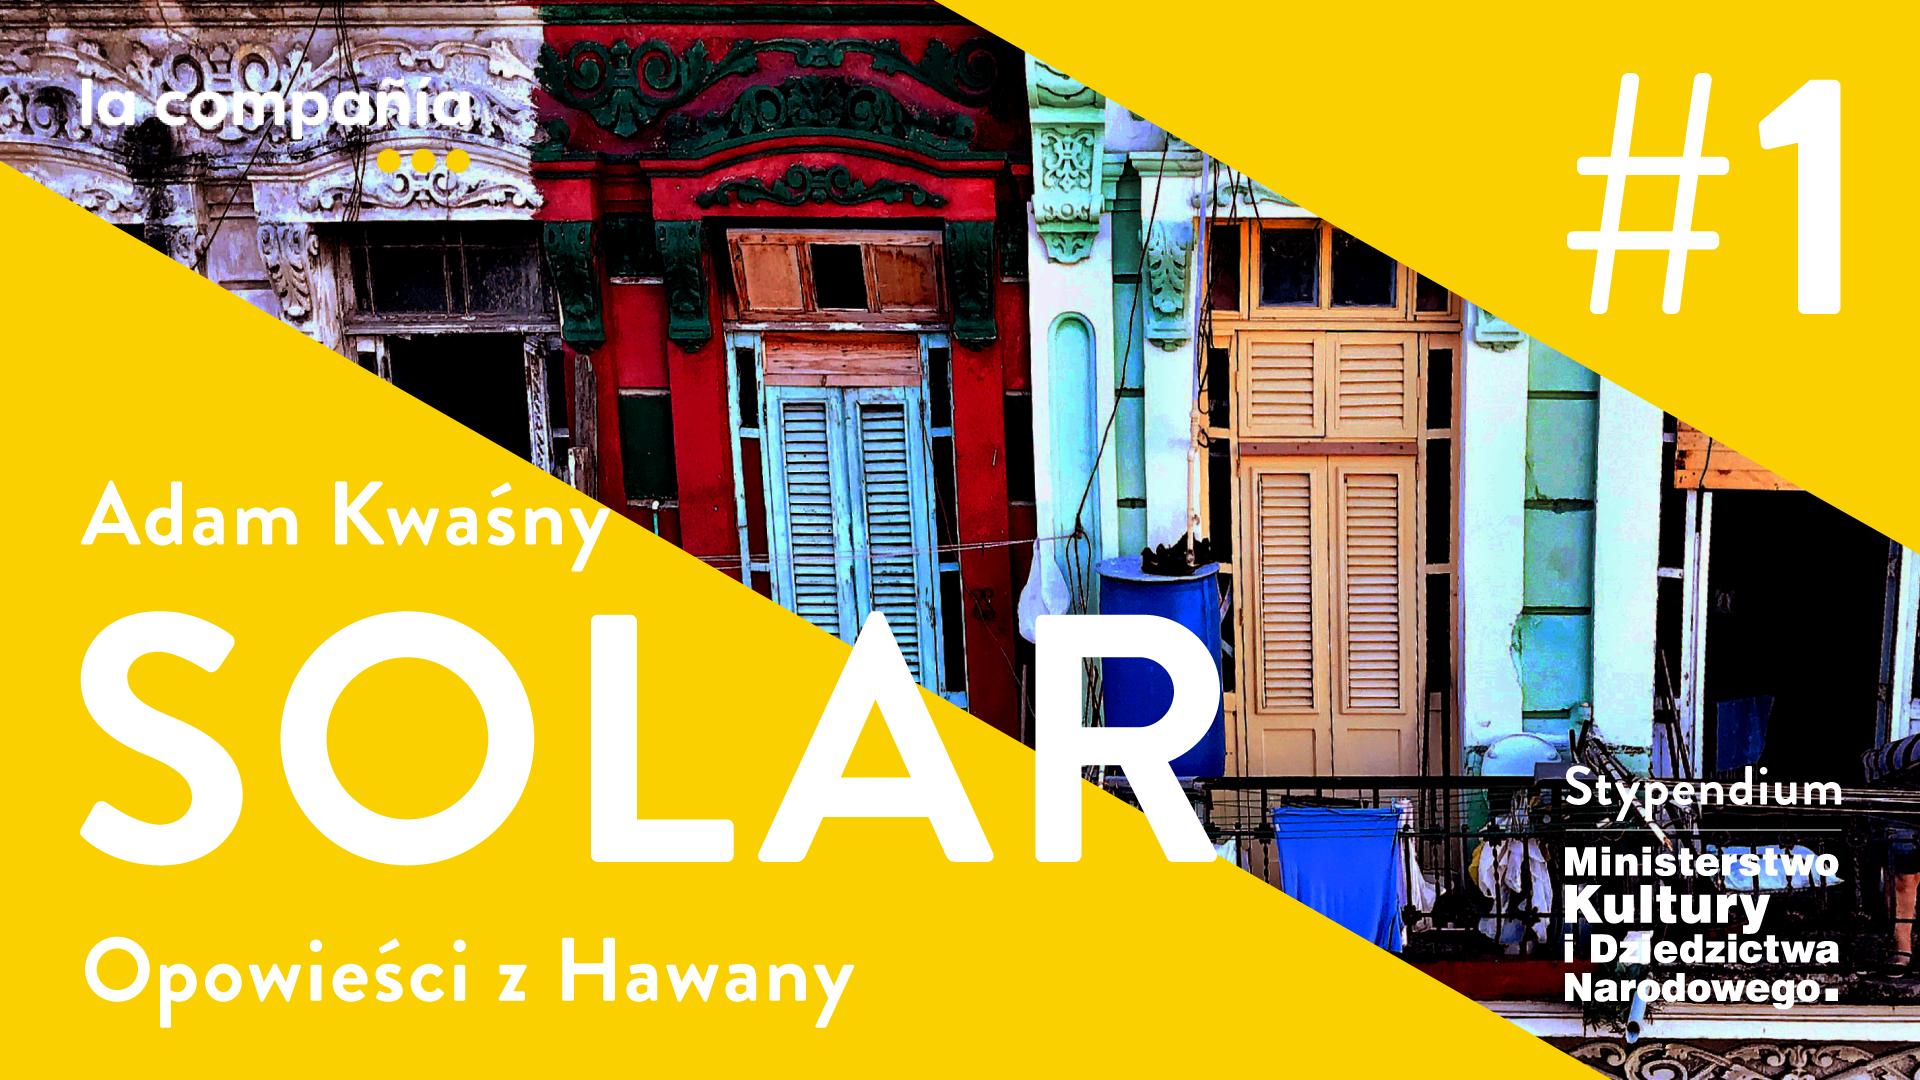 SOLAR Opowieści z Hawany. Rozdział 1